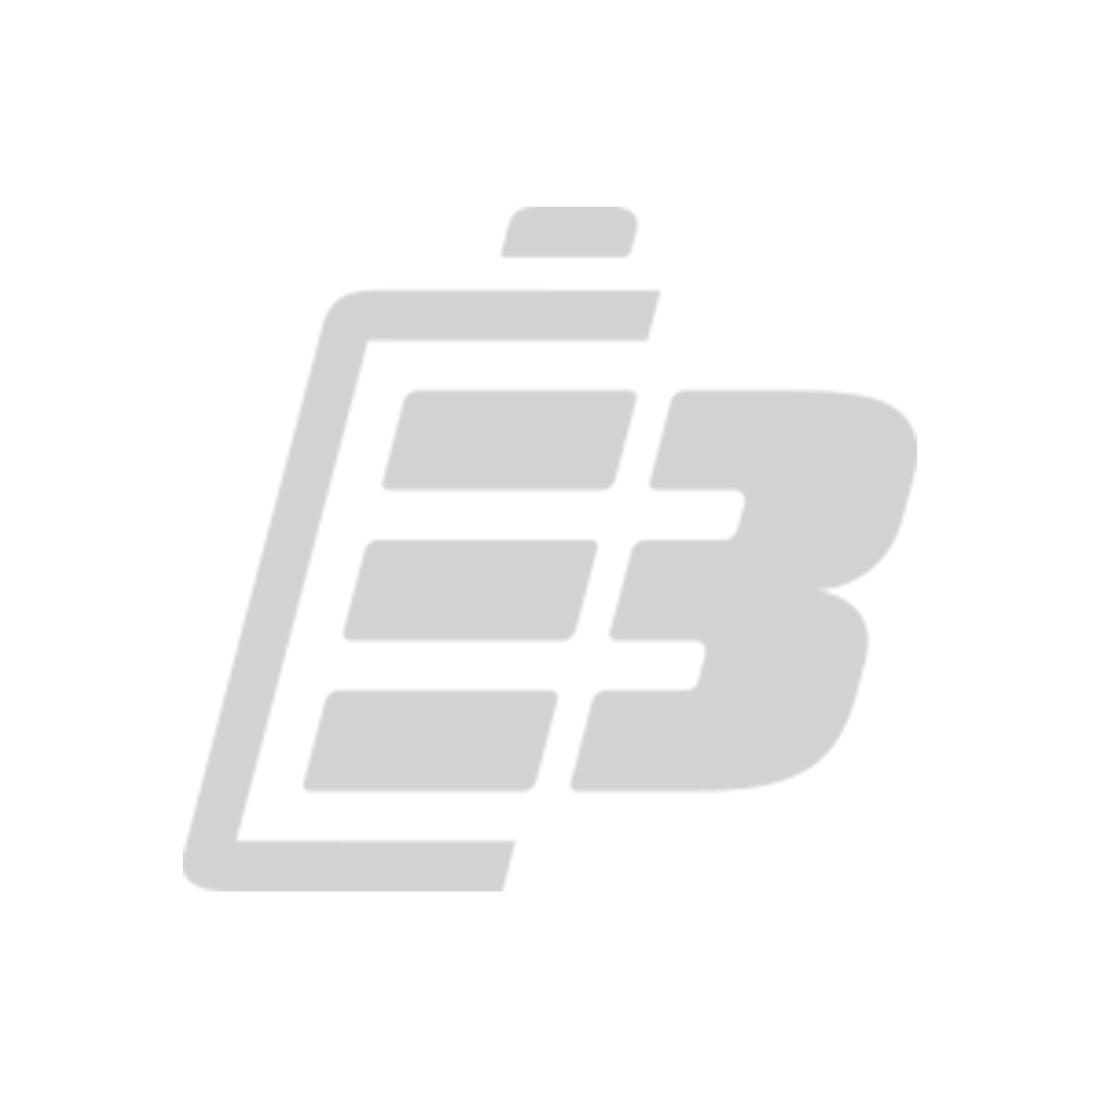 Μπαταρία Netbook Acer Aspire One D250 ενισχυμένη_1